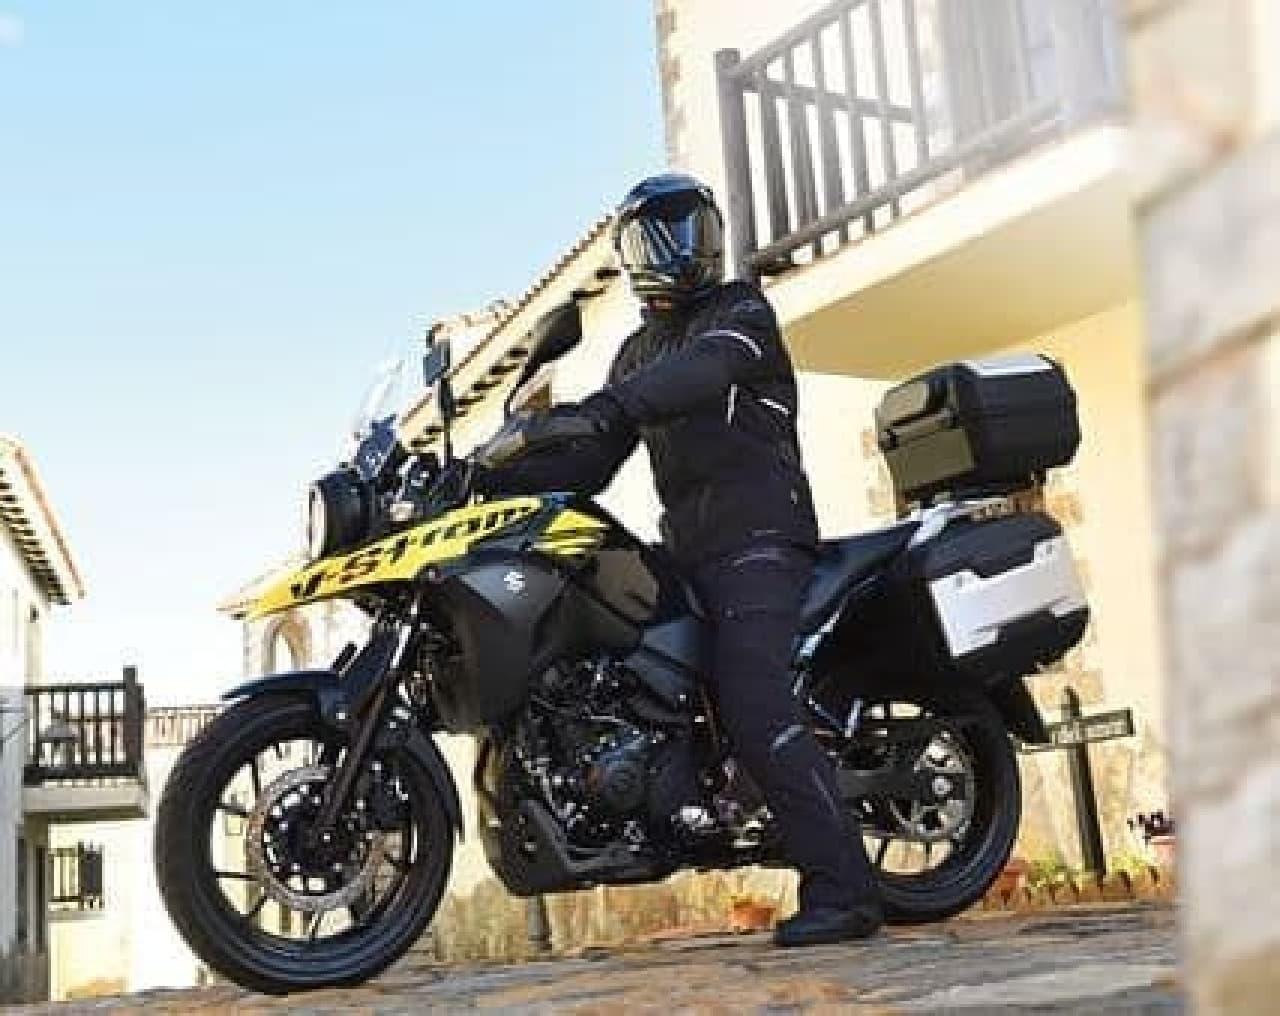 スズキ、V-Stromシリーズに新型「V-Strom 250」登場